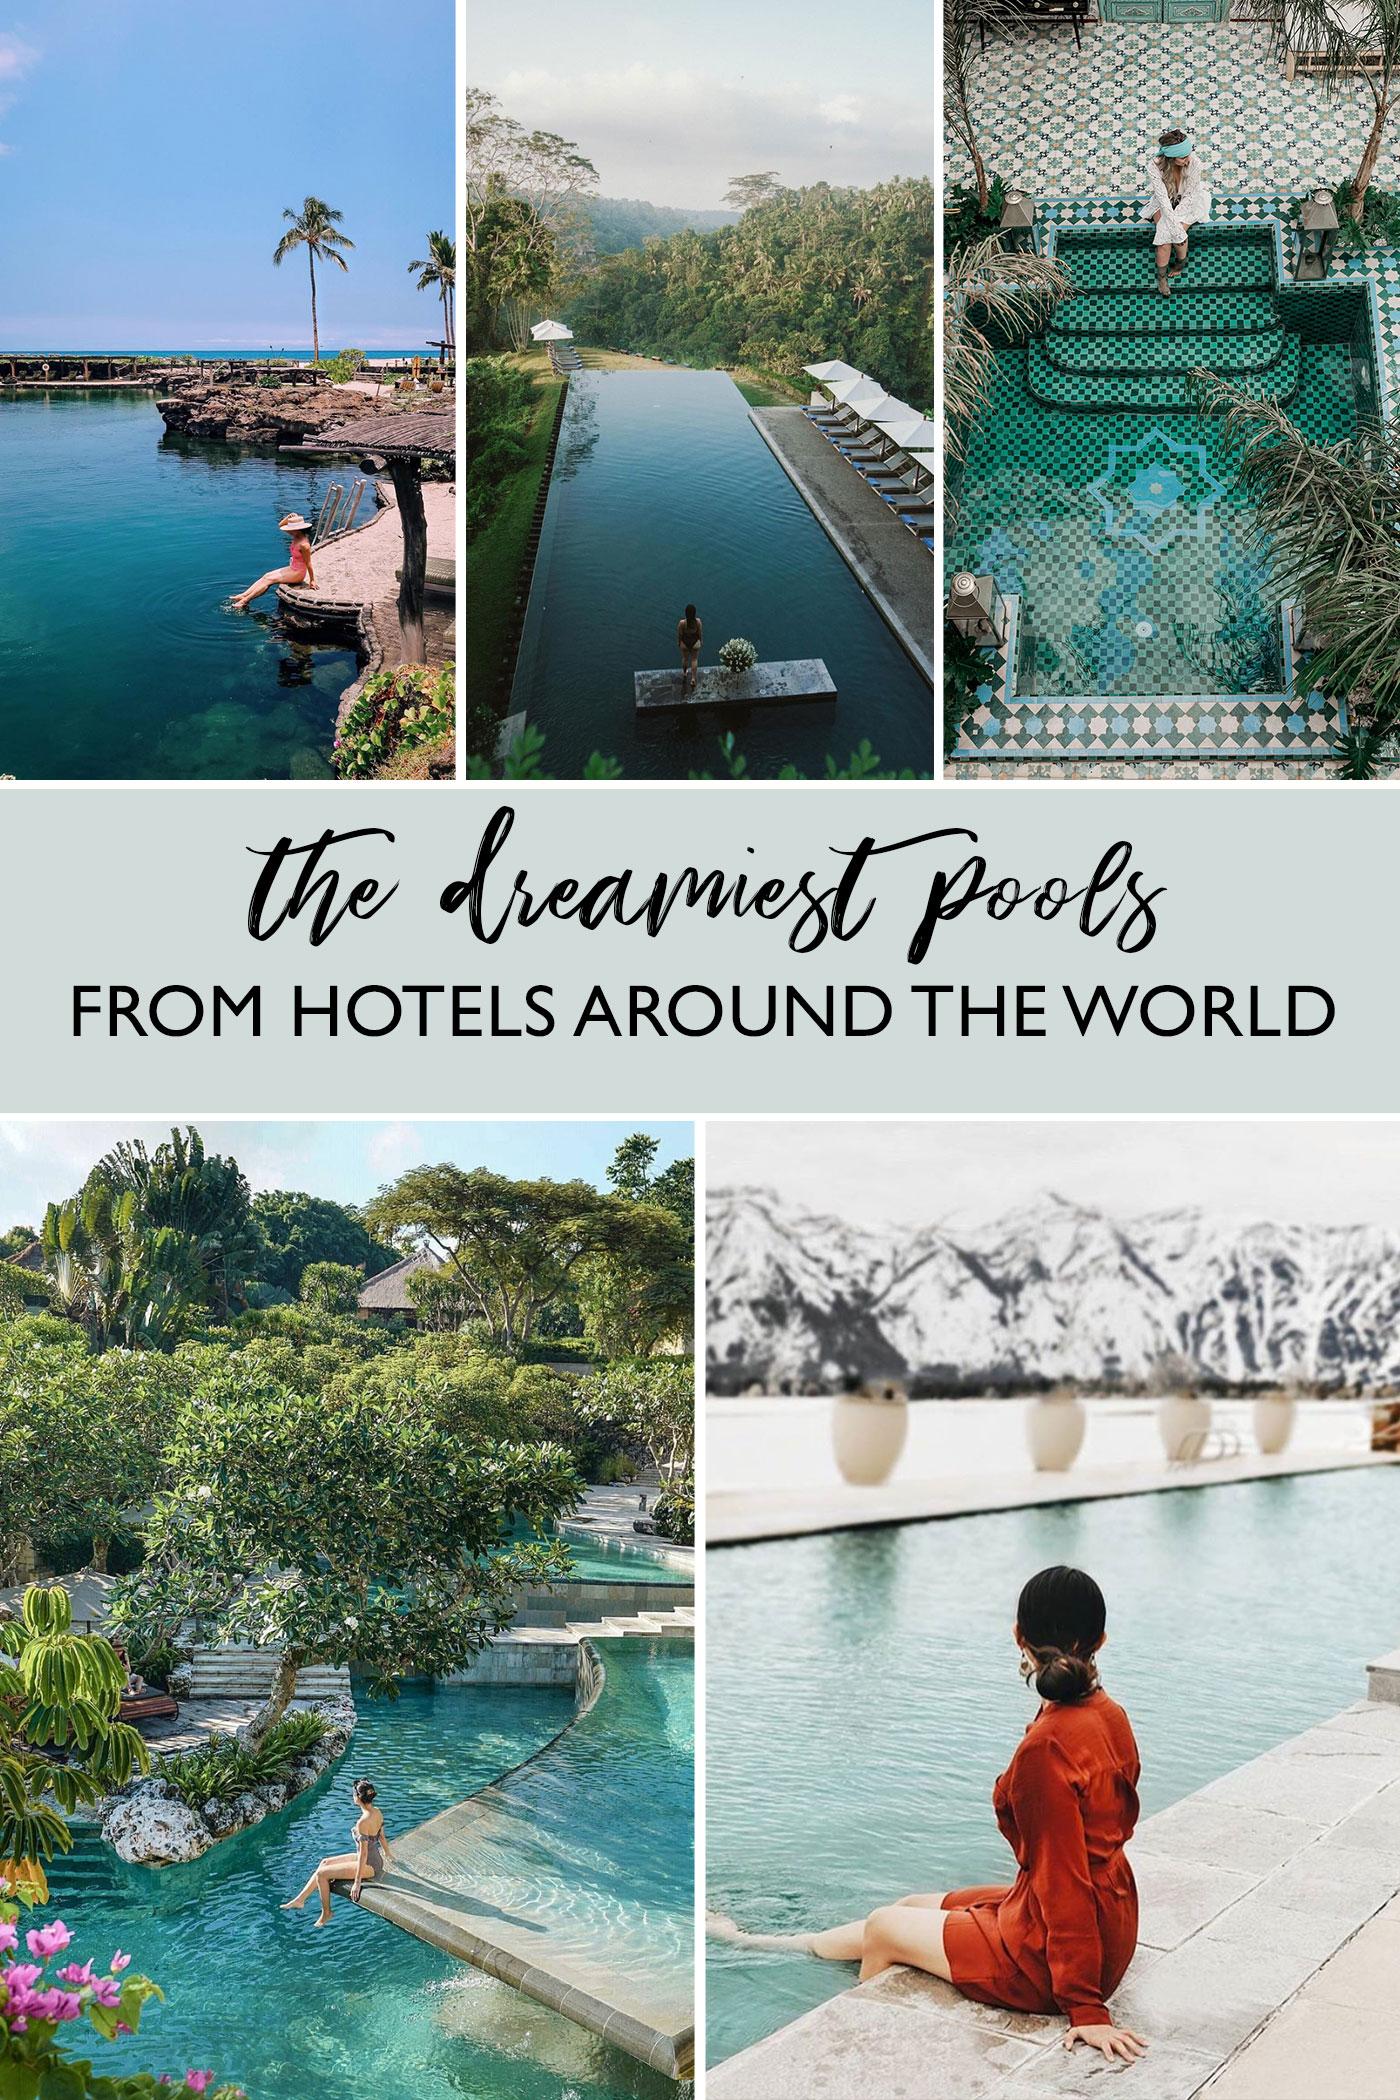 Dreamiest Hotels Around the World